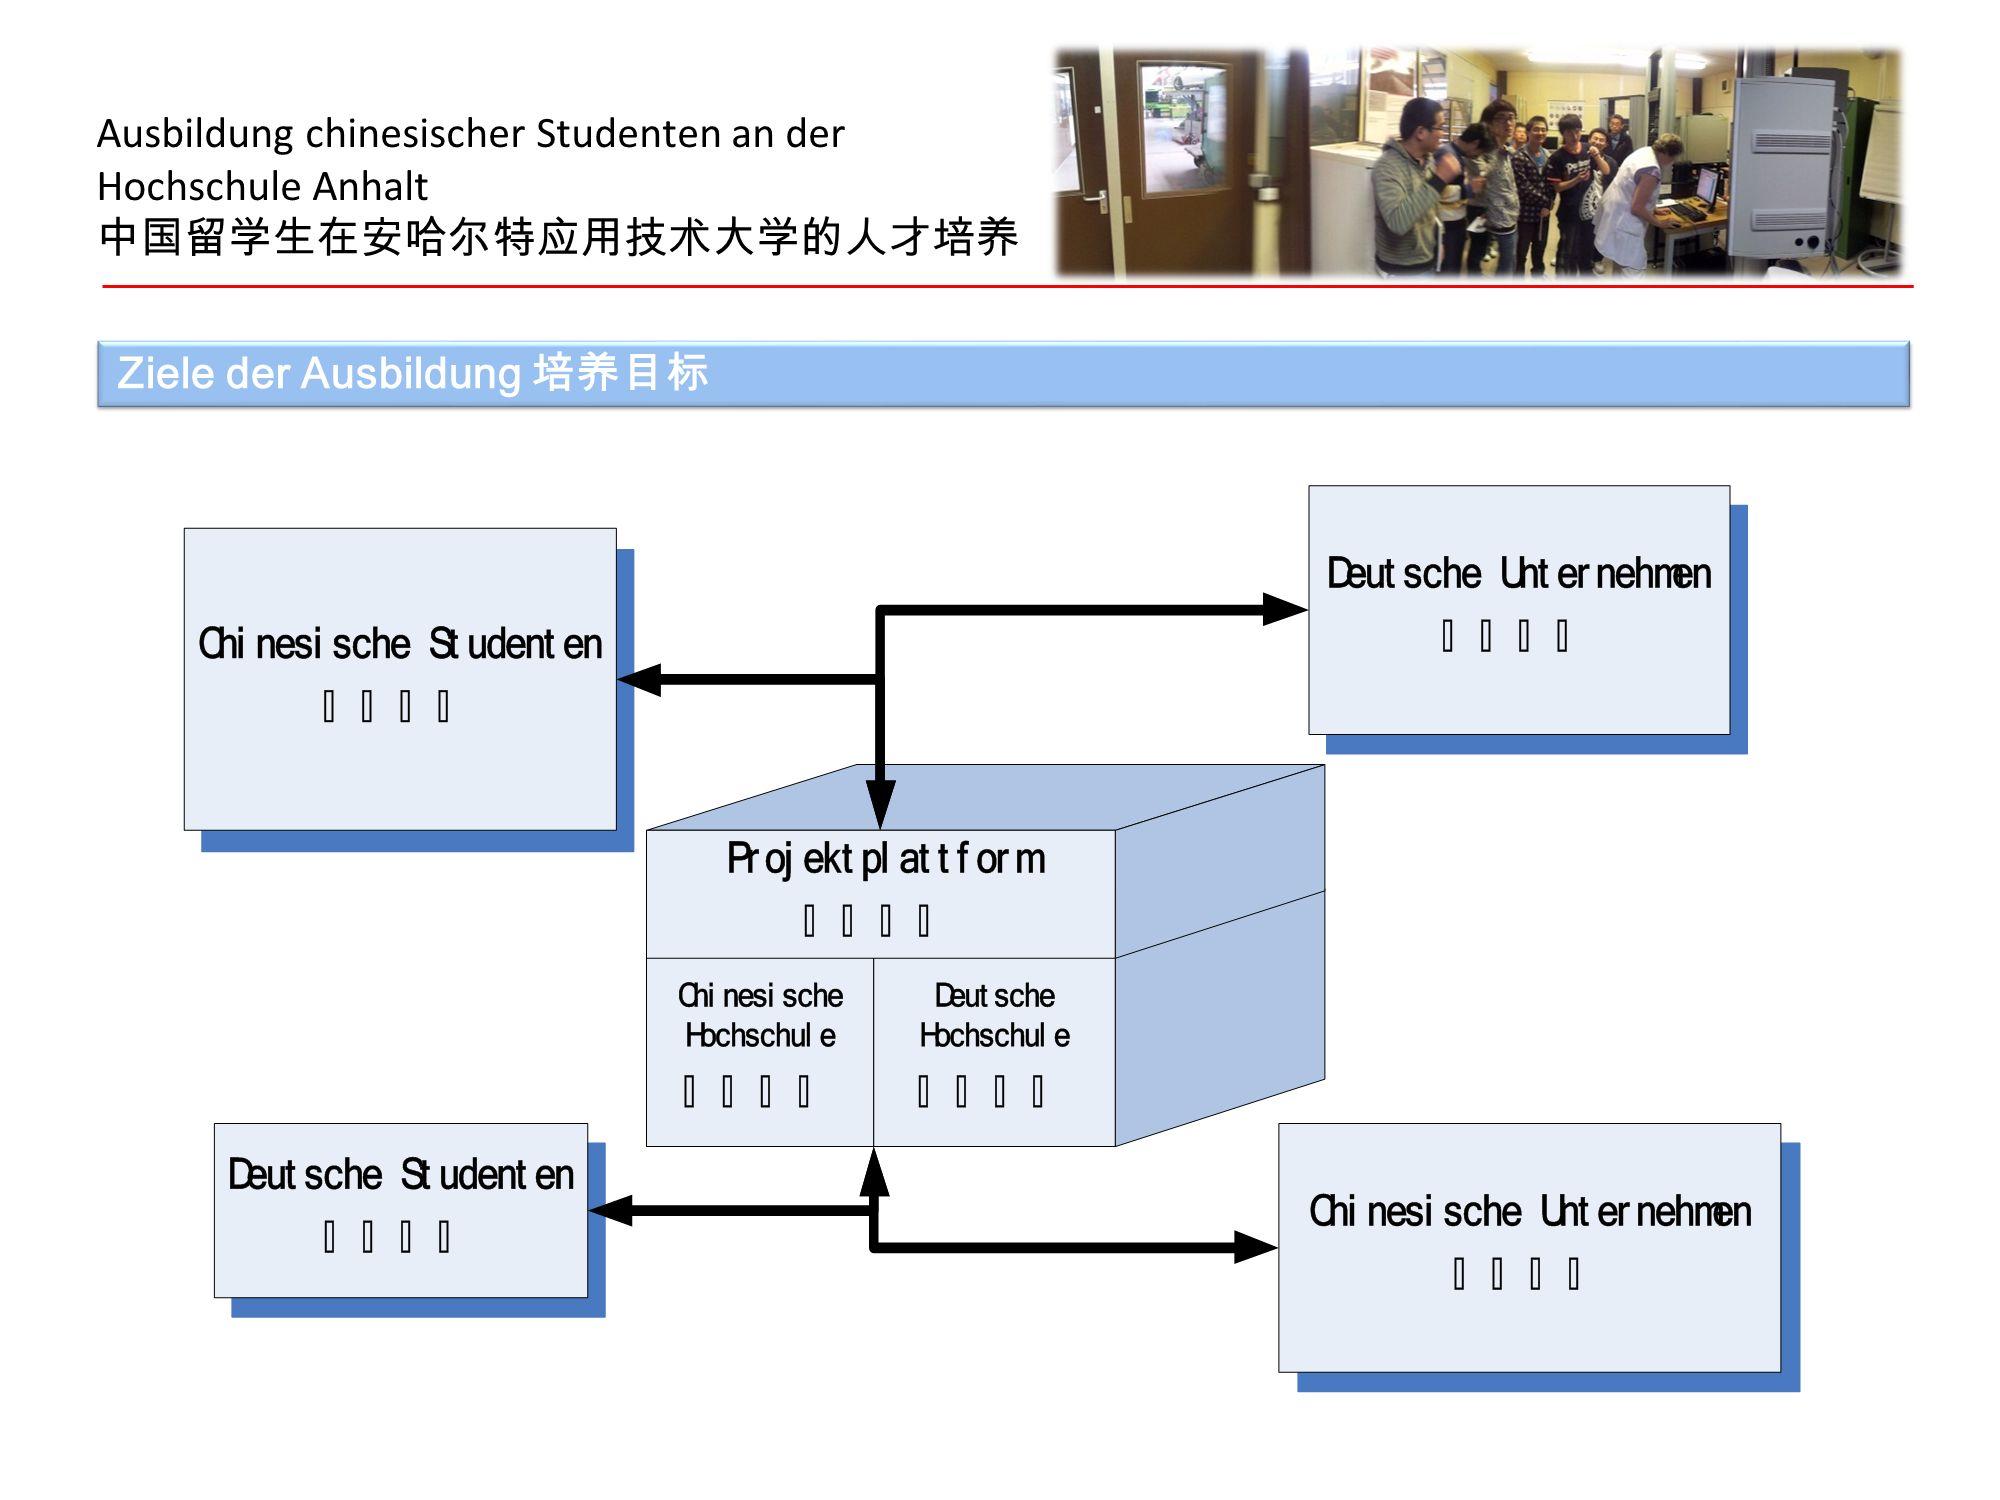 Ausbildung chinesischer Studenten an der Hochschule Anhalt 中国留学生在安哈尔特应用技术大学的人才培养 Ziele der Ausbildung 培养目标